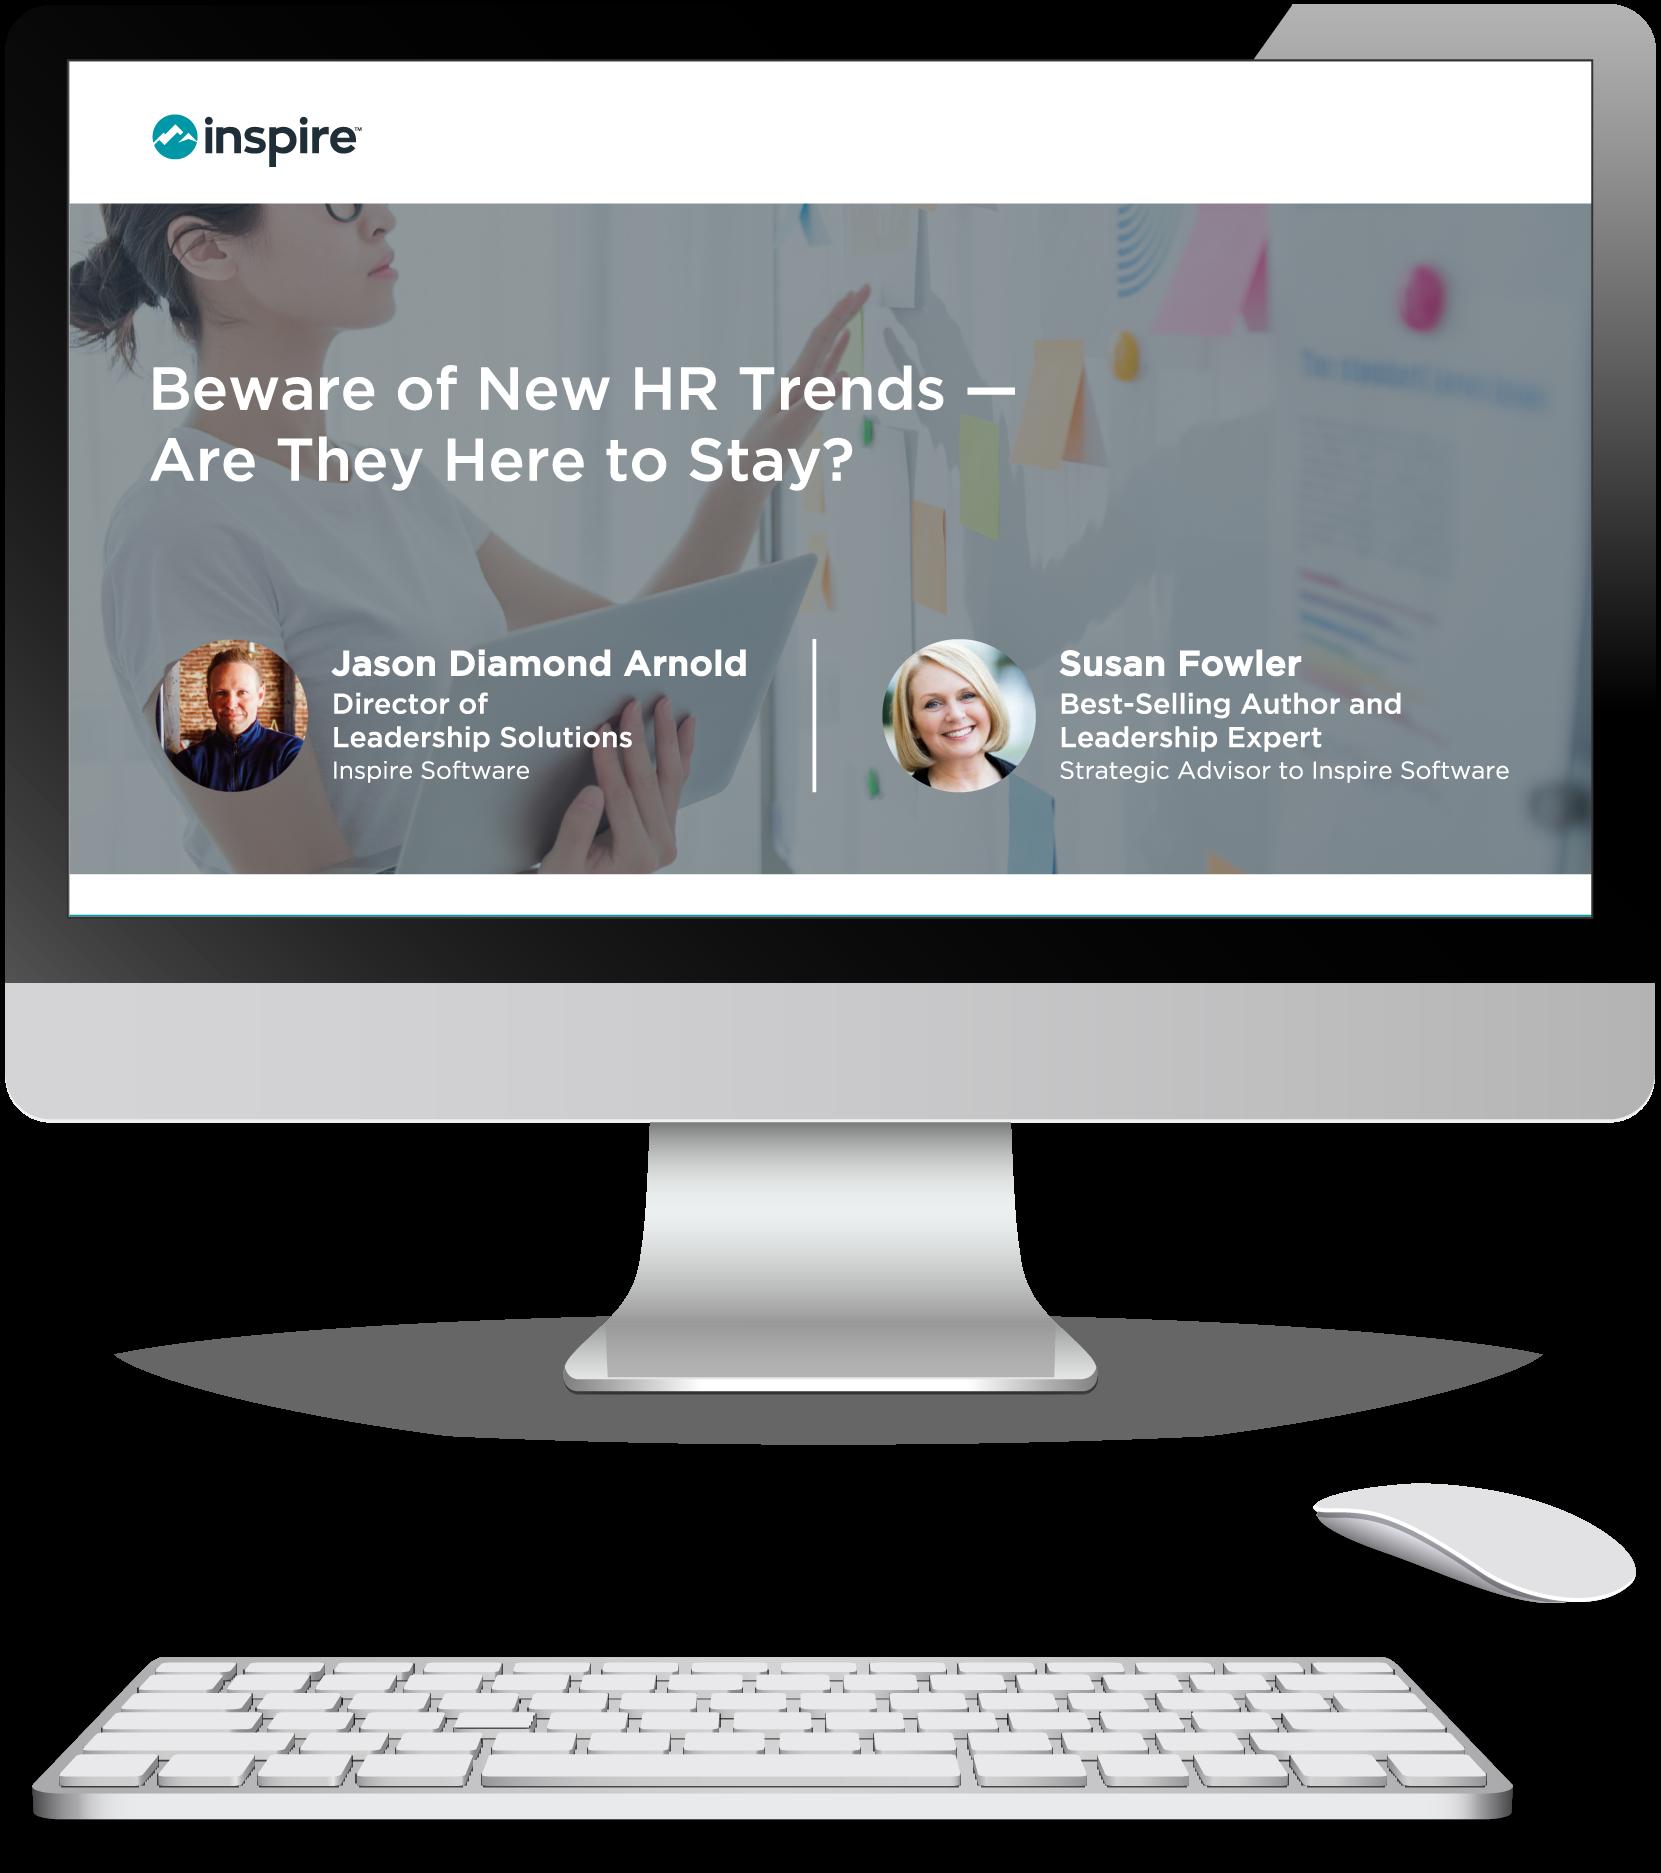 Beware of HR trends